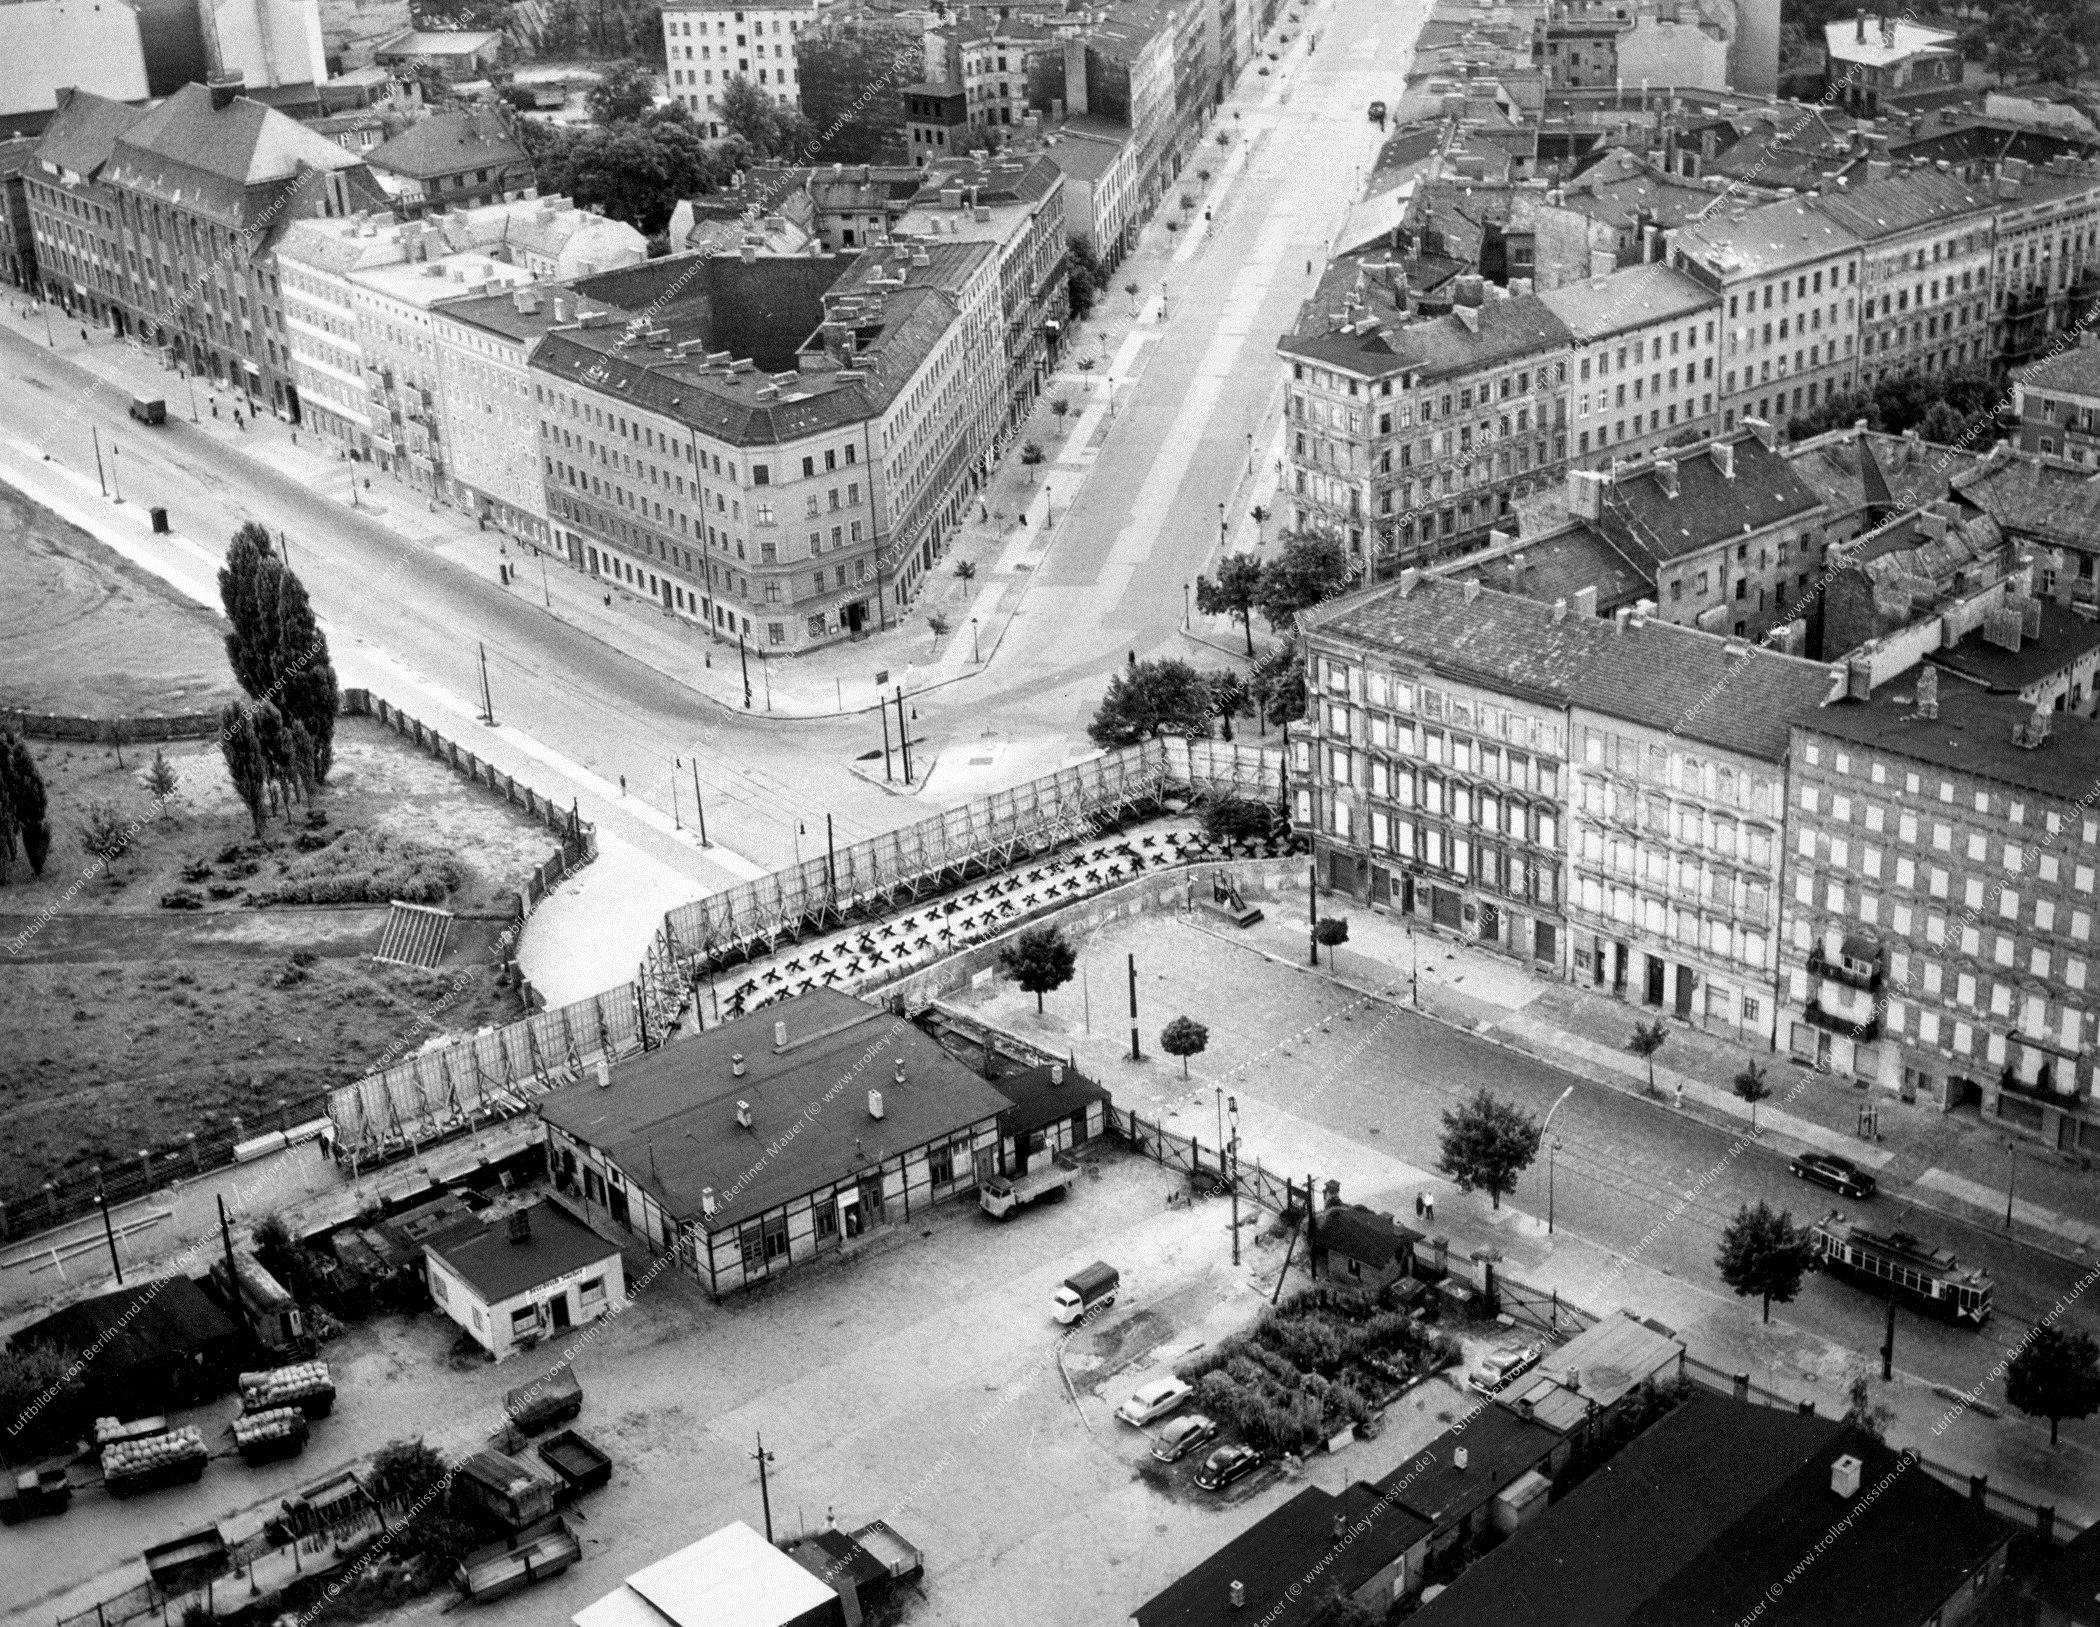 Die alten Gebäude der Bernauer Straße mit Straßenbahn sowie Oderberger Straße und Eberswalder Straße in Berlin (Bild 026)